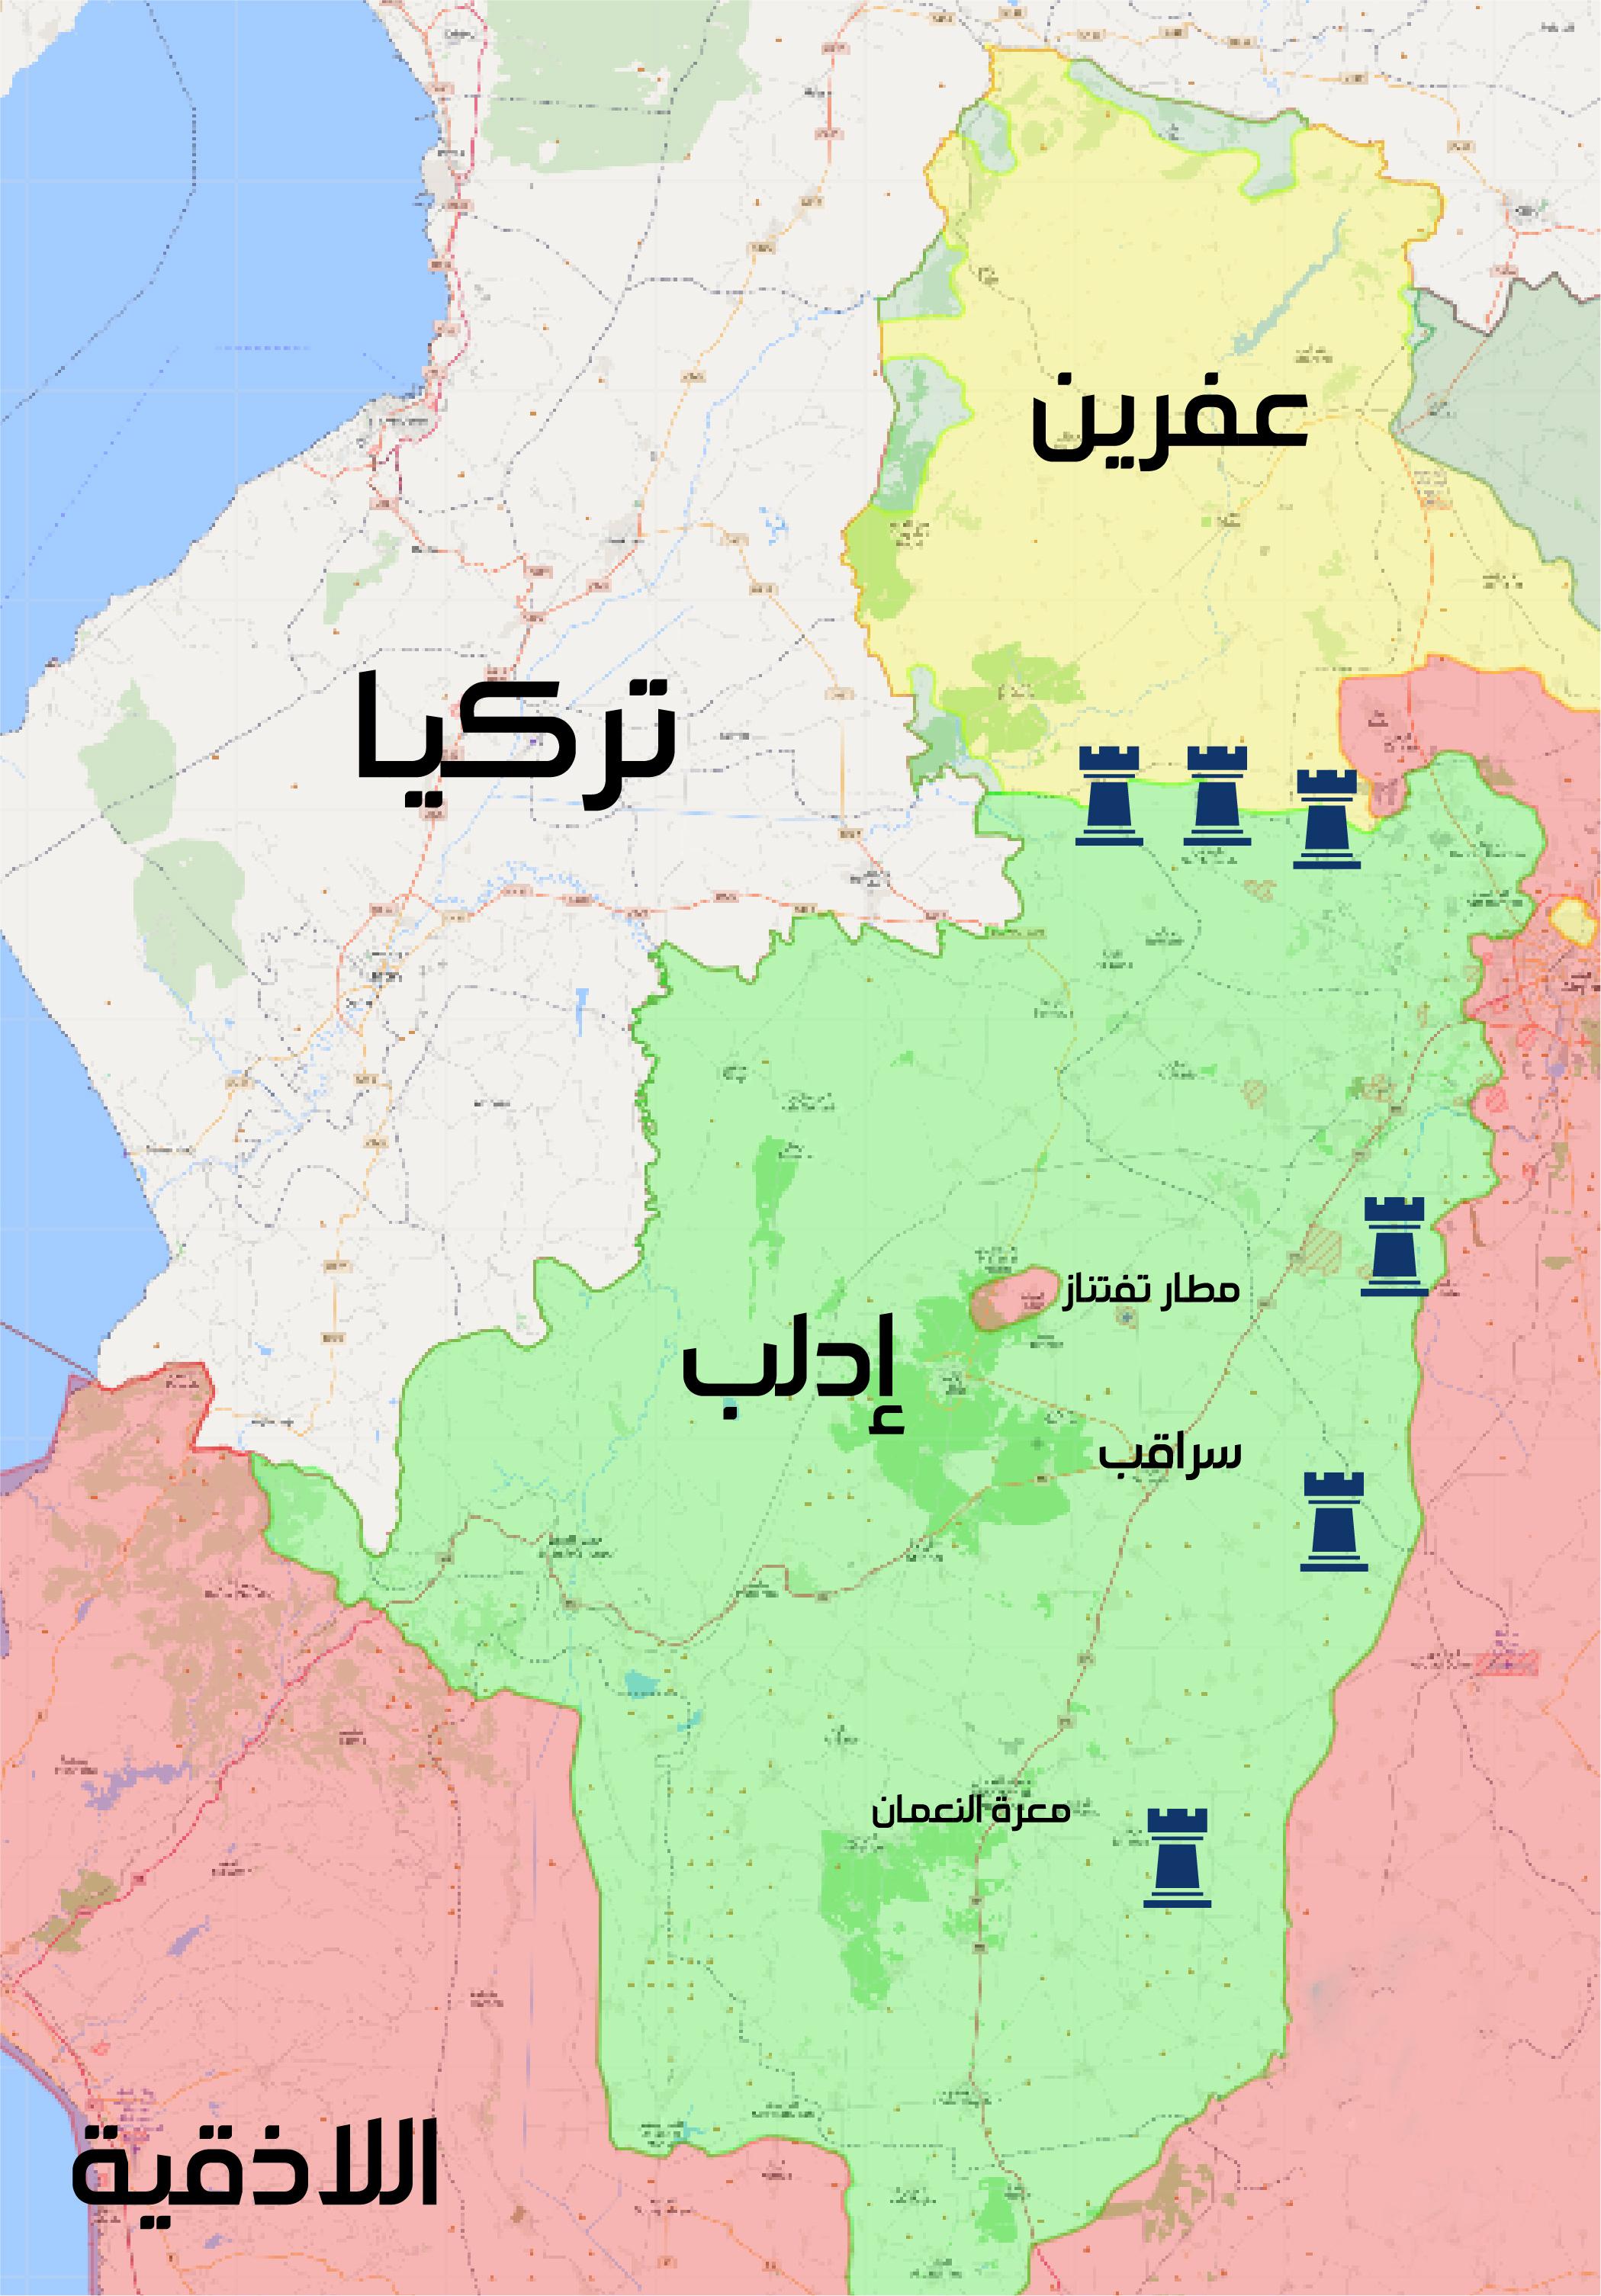 خريطة توزع نقاط التمركز التركية في محافظة إدلب - 15 شباط 2018 (تعديل عنب بلدي)